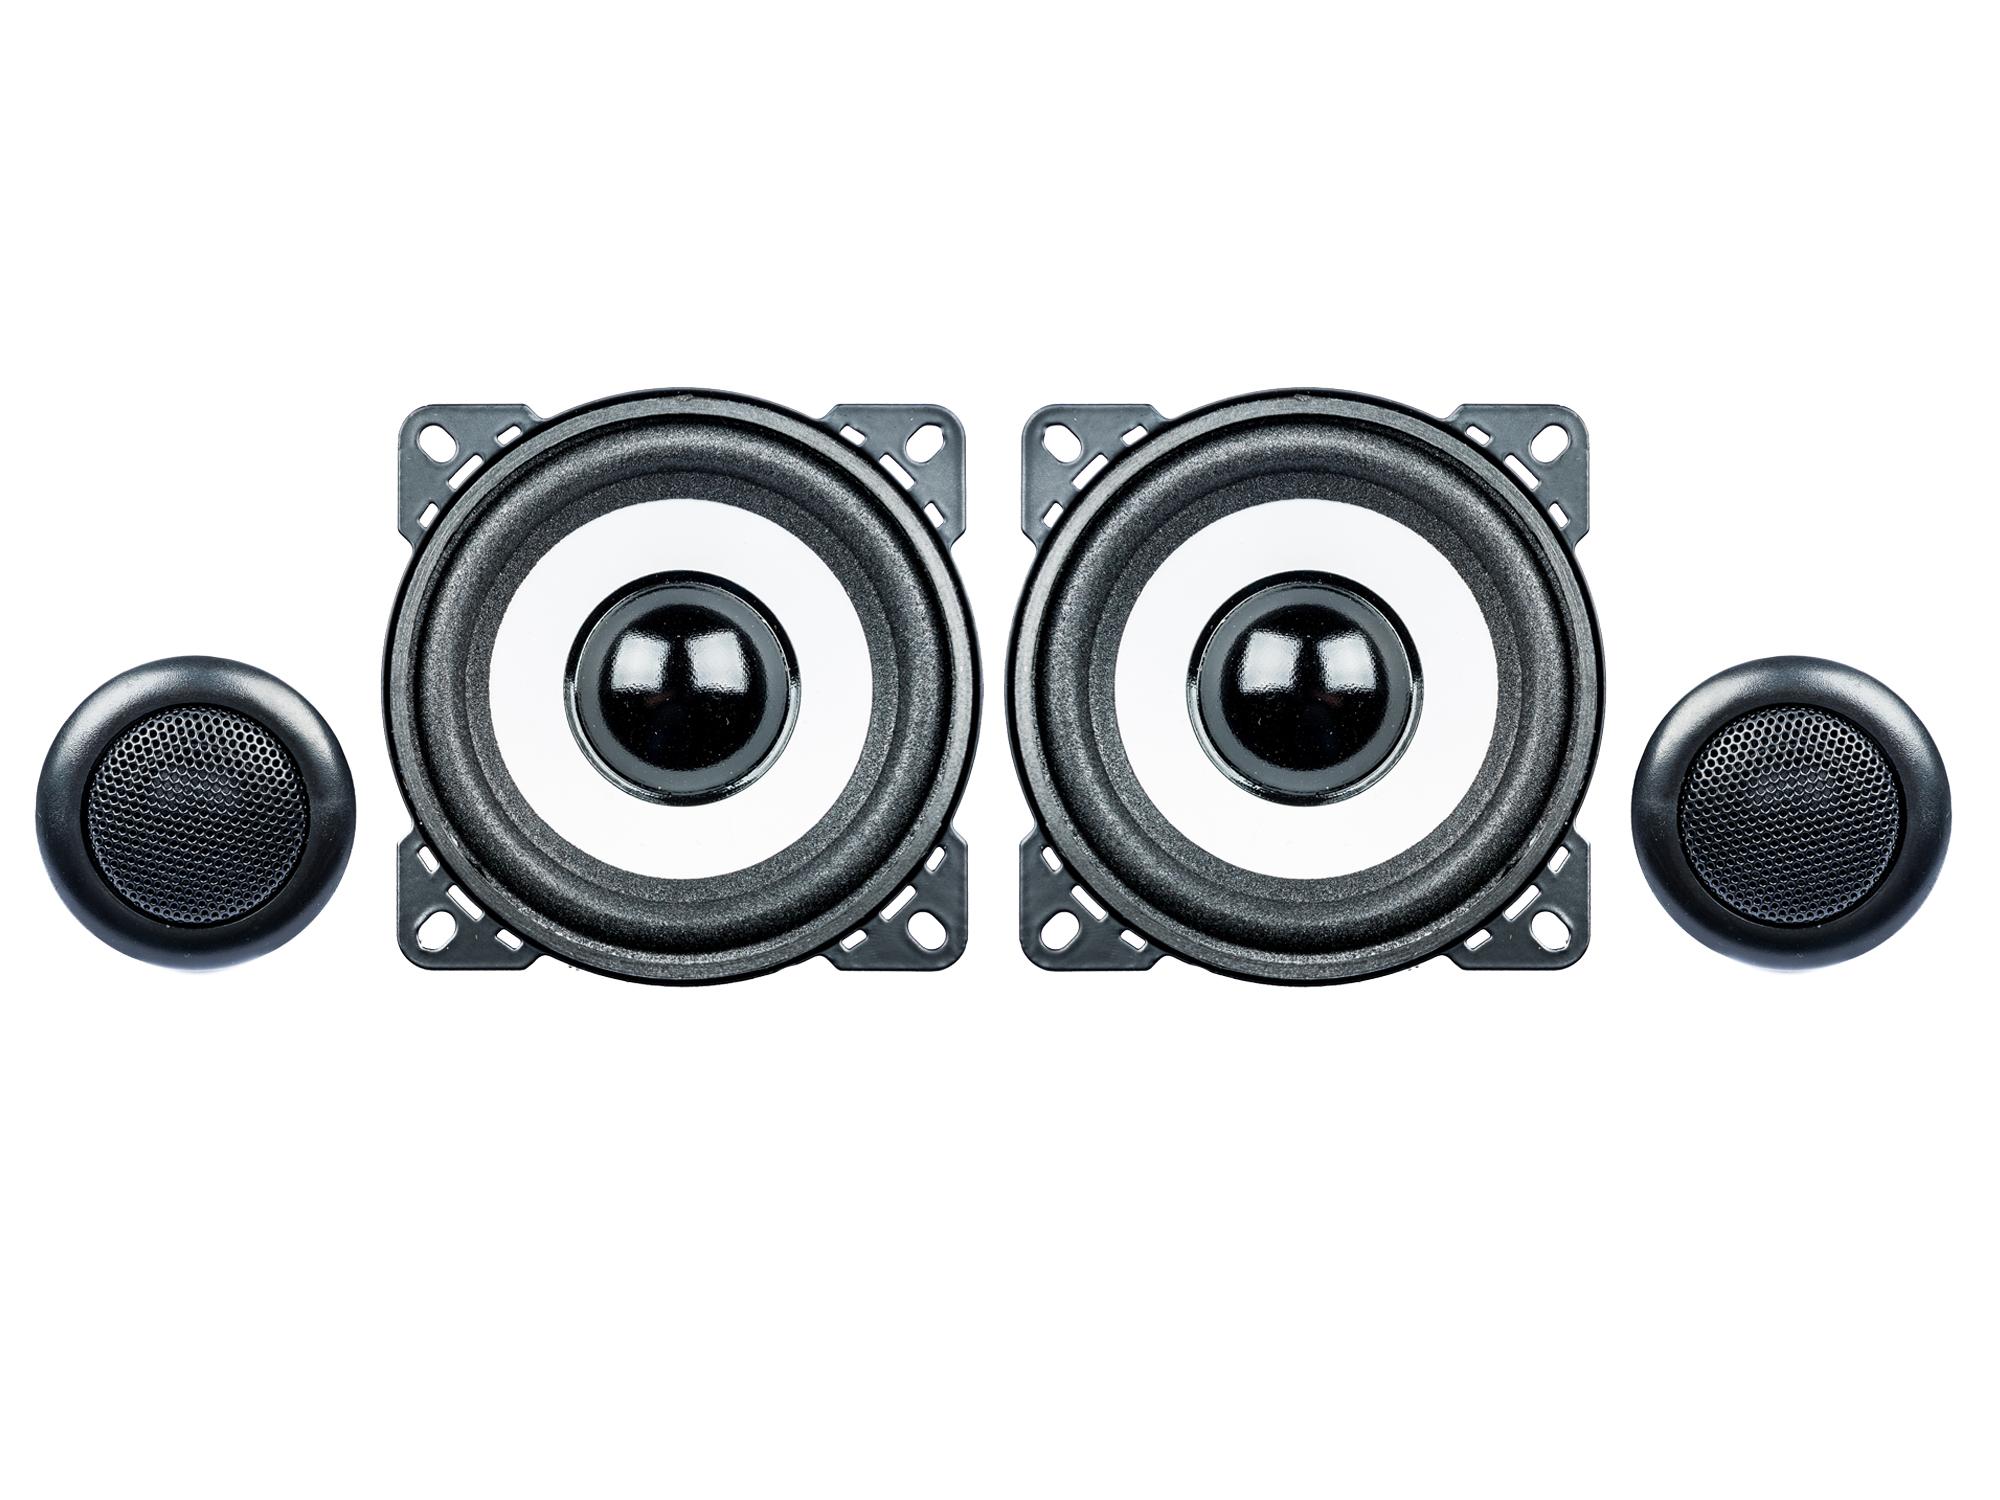 PG Audio Evo II 2.10 Kompo Lautsprecher 10 cm max. 160 Watt,100 mm 1 Paar 001